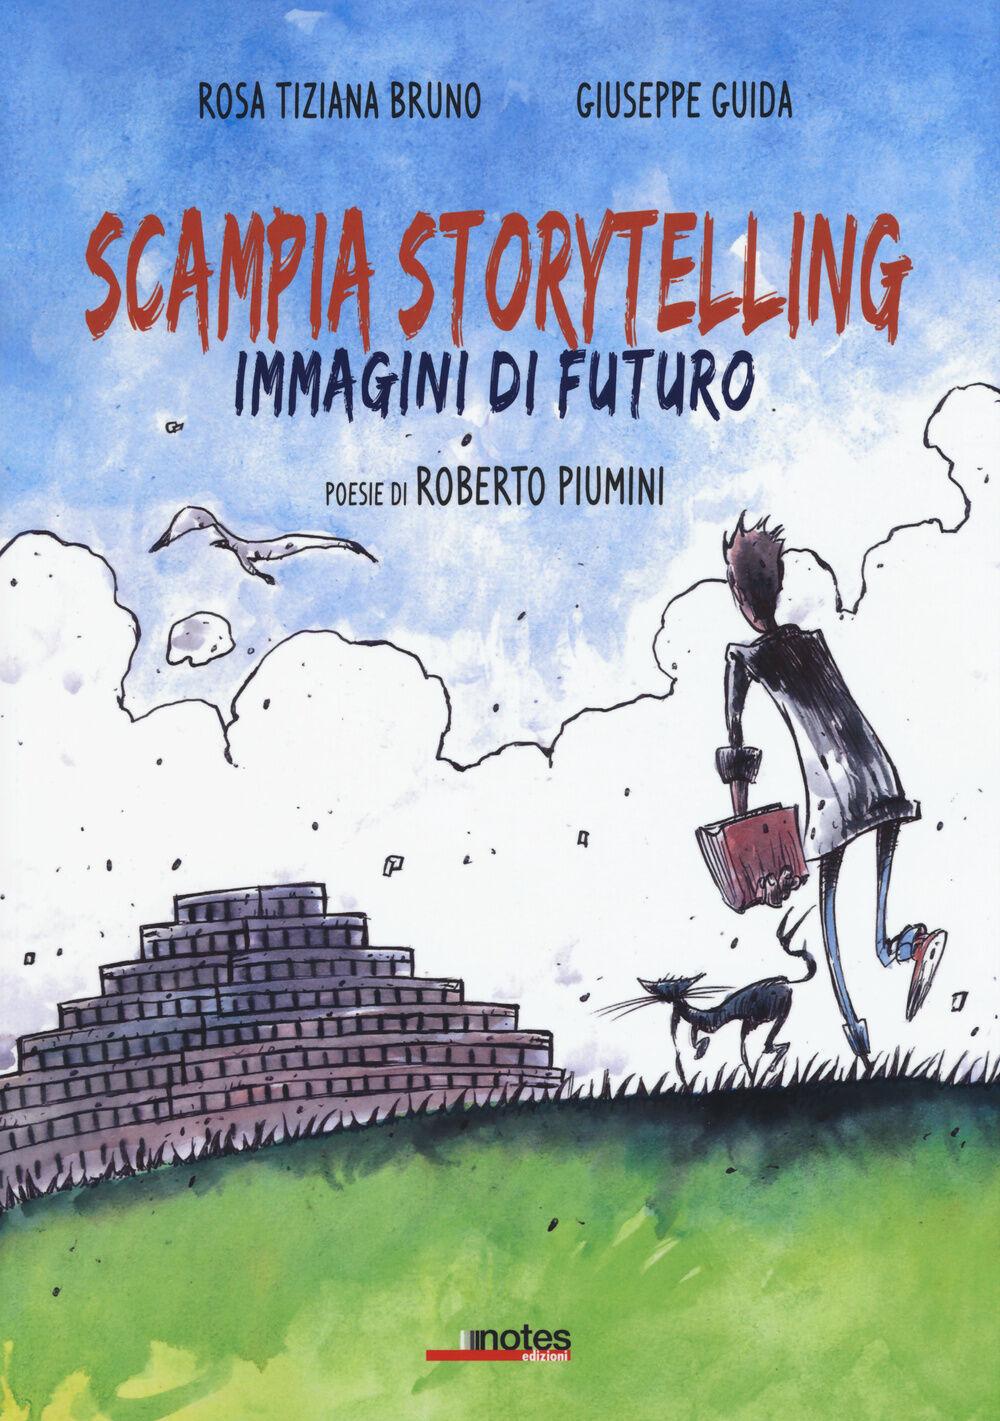 Scampia storytelling. Immagini di futuro